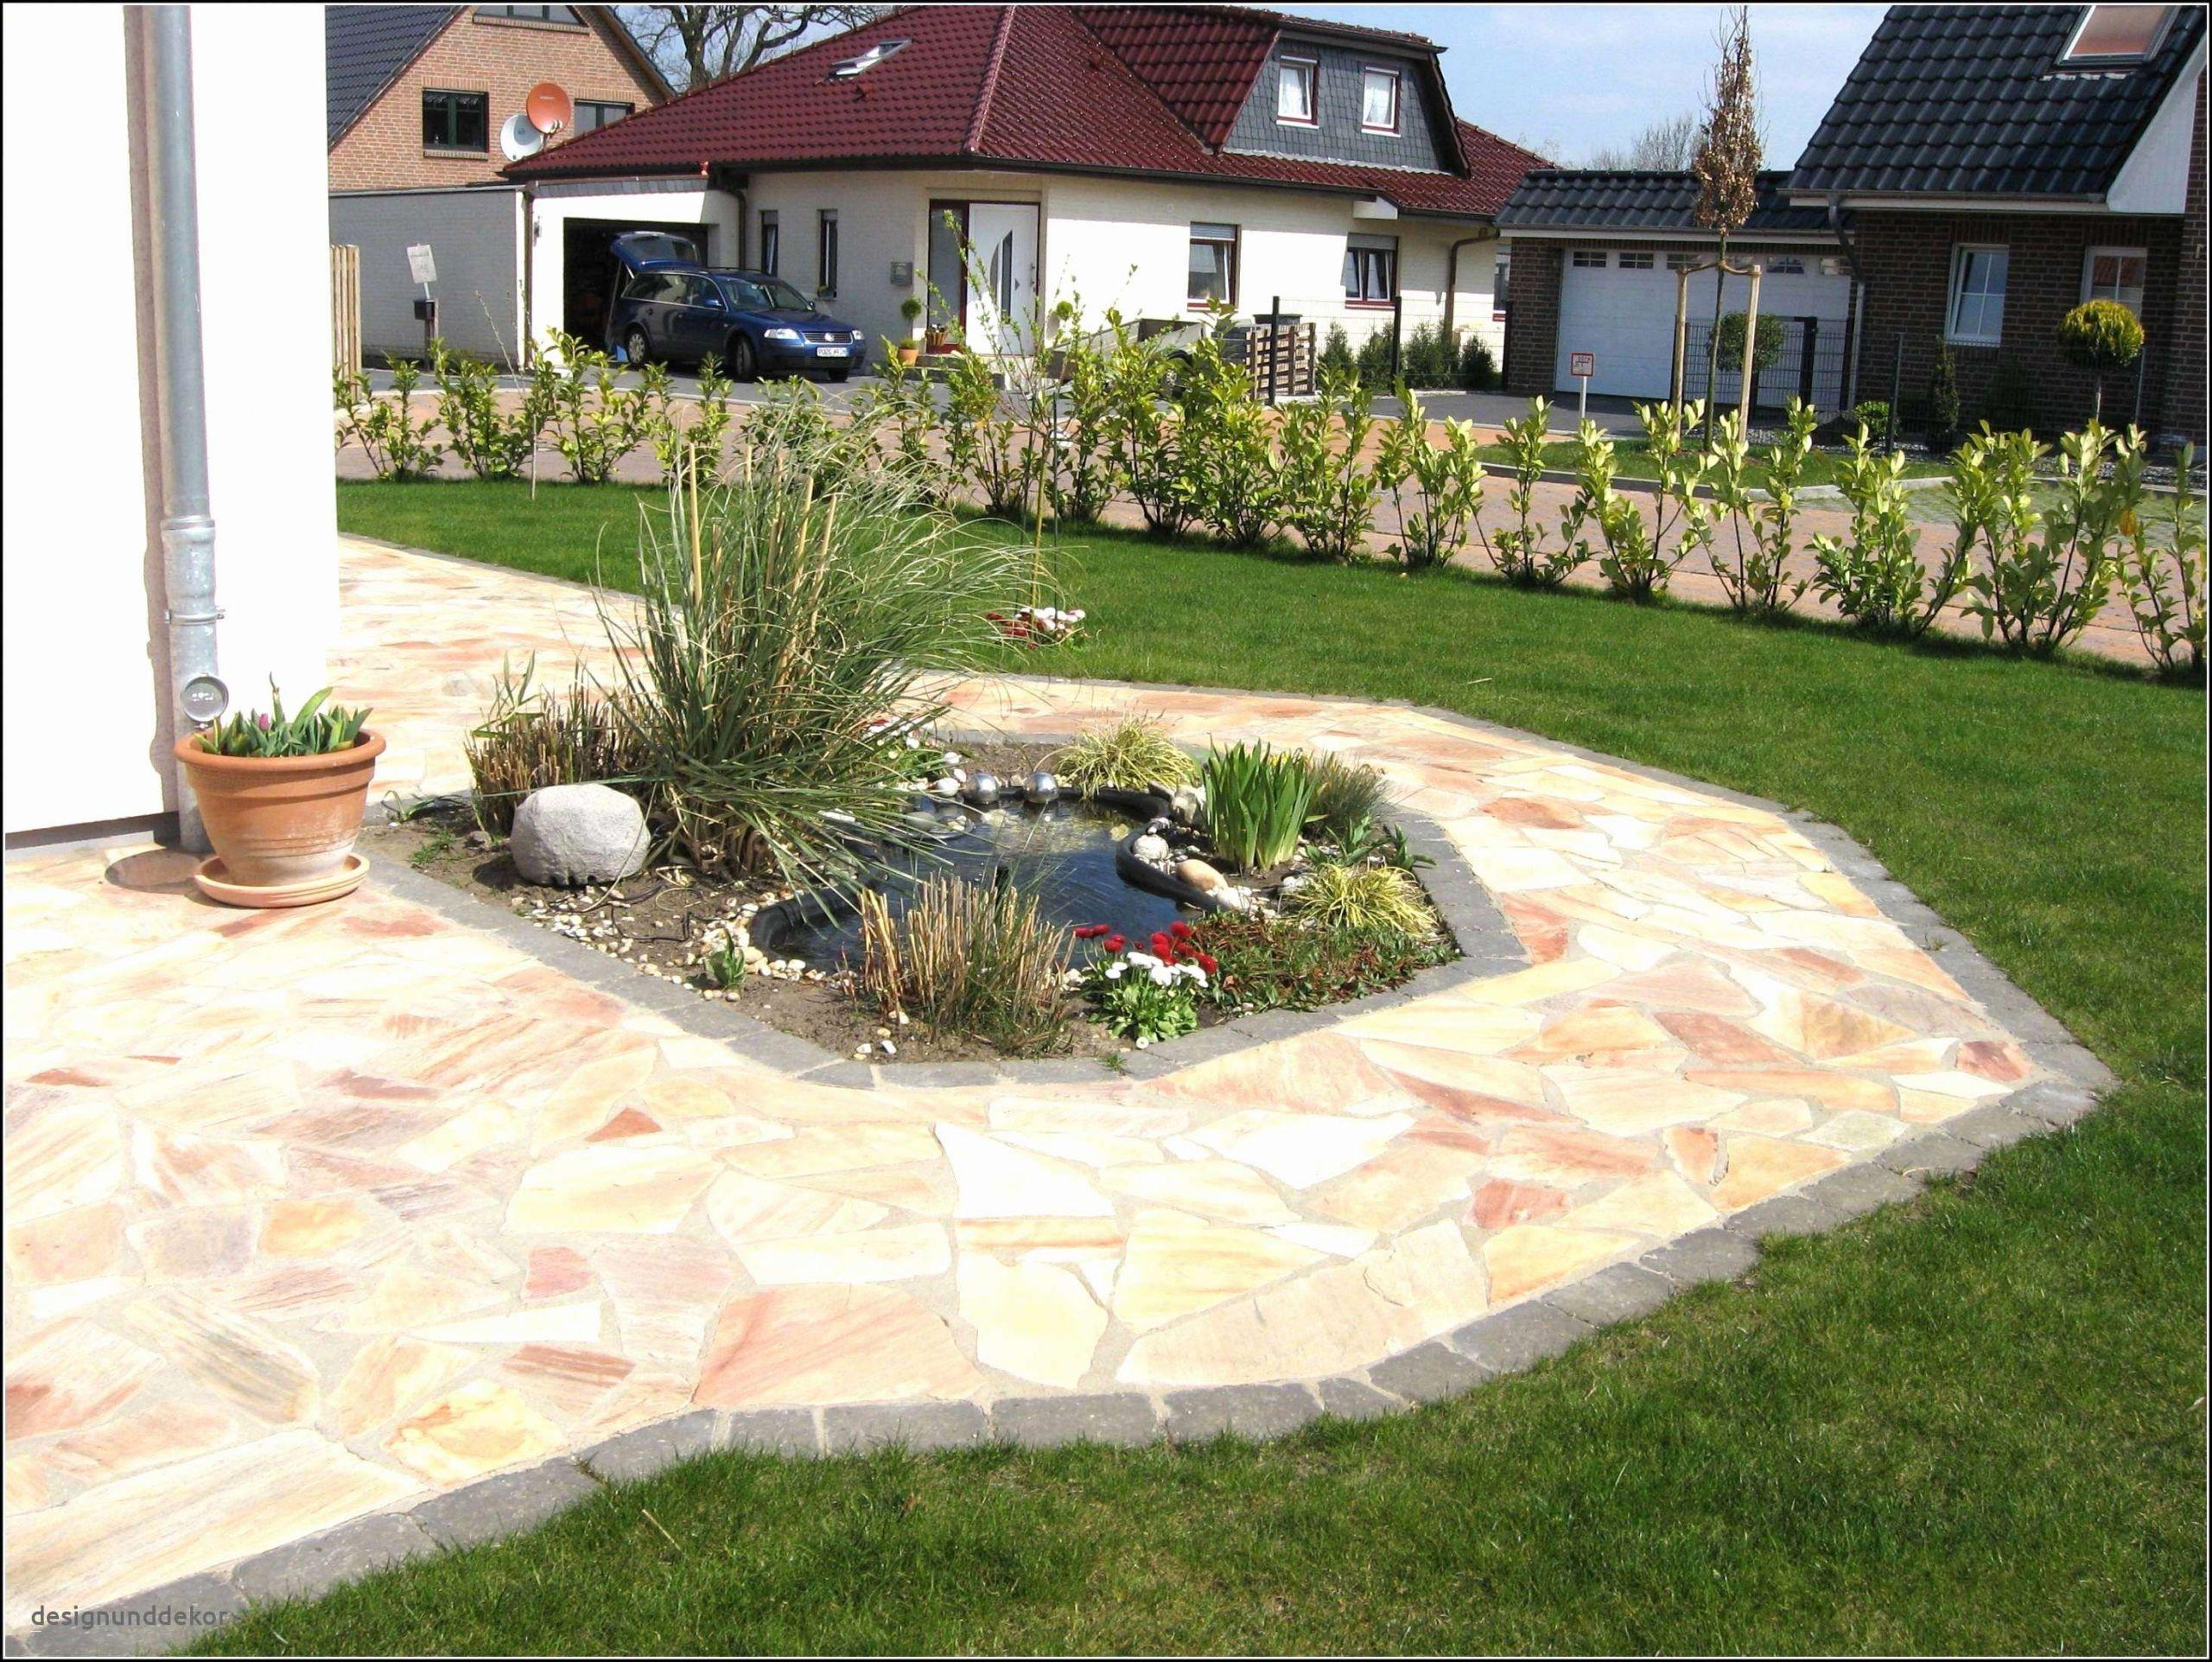 Gartengestaltung Bilder Kleiner Garten Best Of Konzept 42 Für Gartengestaltung Bilder Kleiner Garten